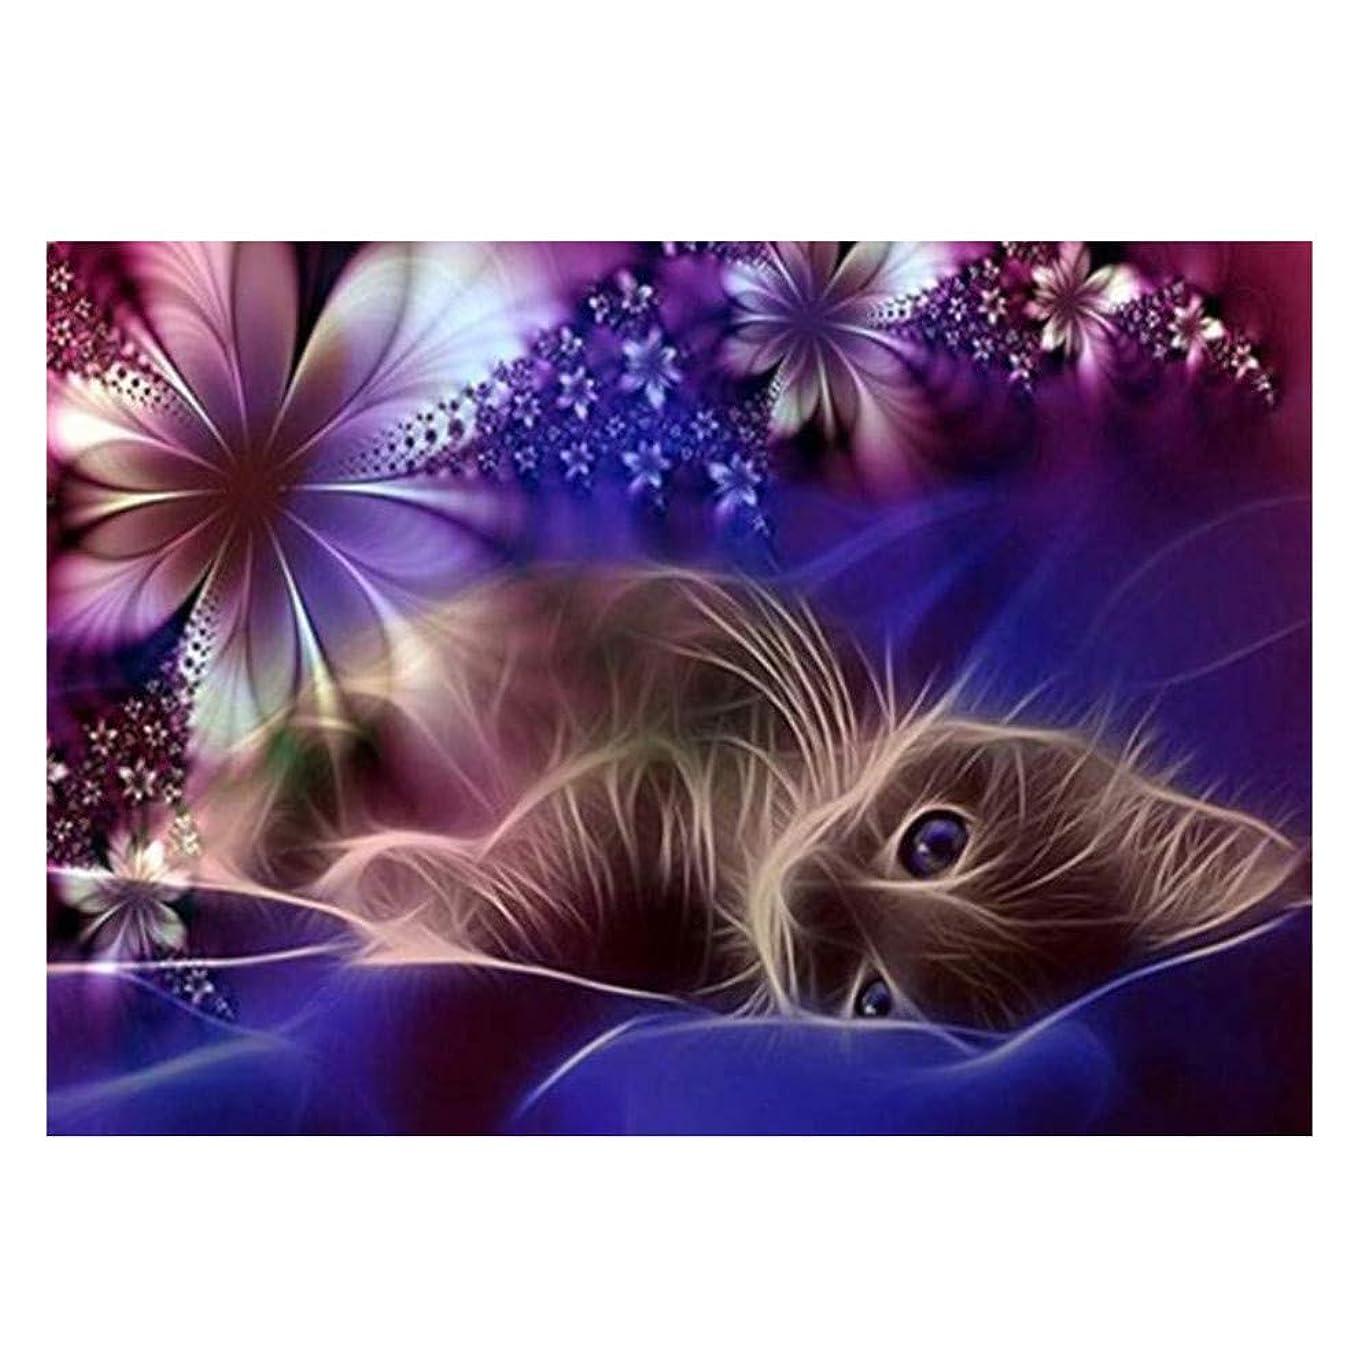 メディア踏みつけ先のことを考える5D 手作りダイヤモンド絵画?30×40cmかわいい猫5Dダイヤモンドペインティングるまインテリア プレゼント ホーム レストラン 壁掛け 装飾 (マルチカラー)